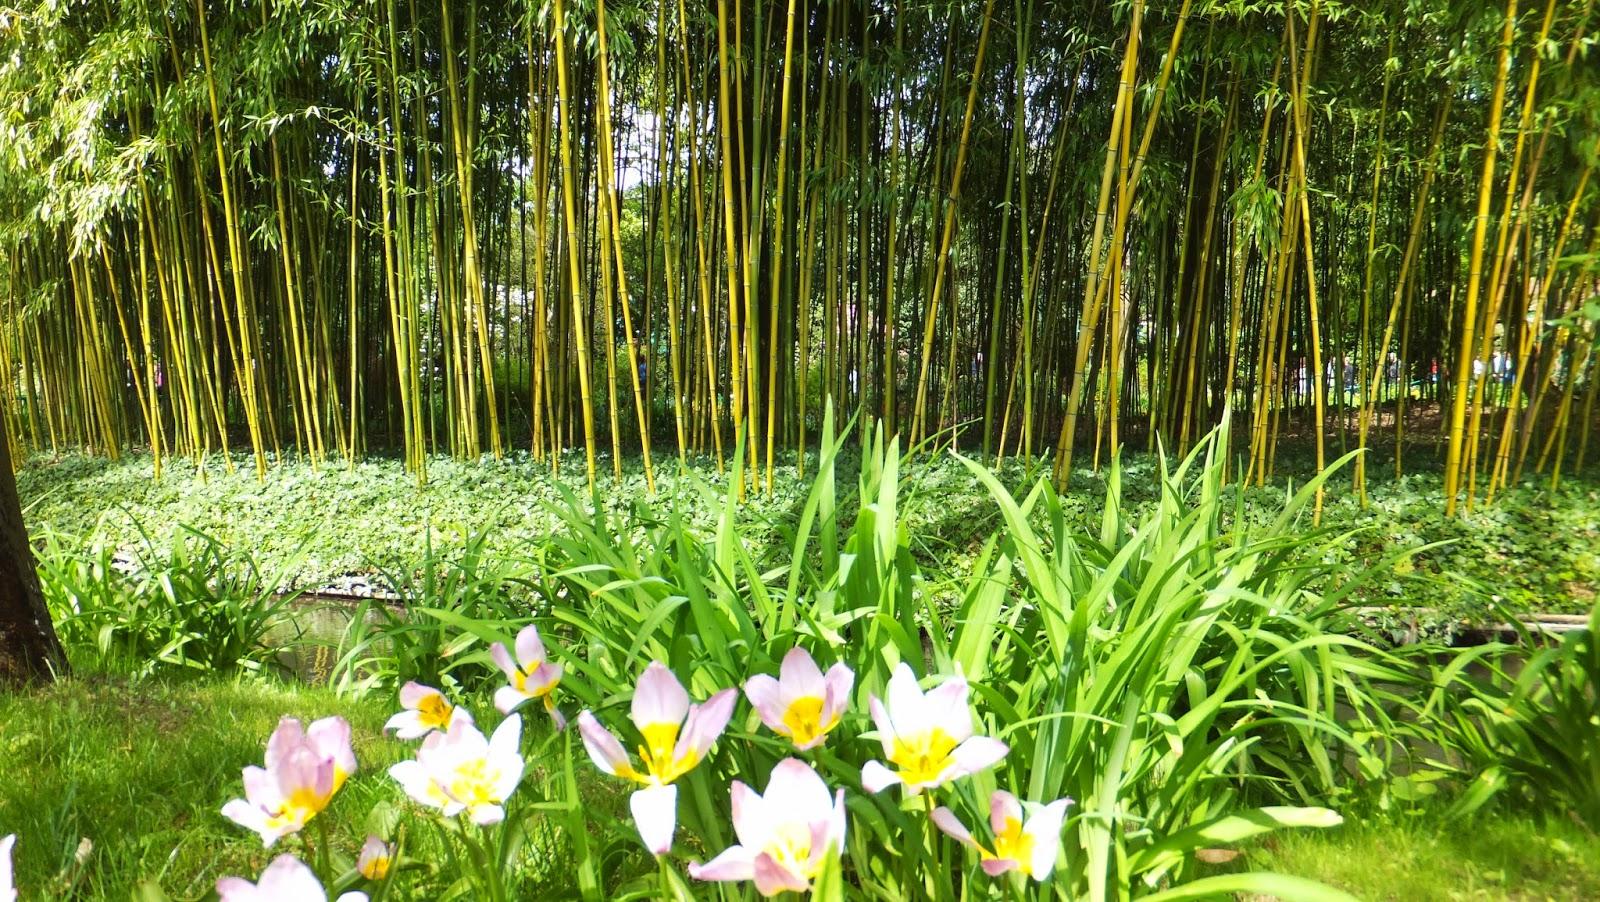 Casa y Jardines de Claude Monet, Giverny, Francia, Elisa N, Blog de Viajes